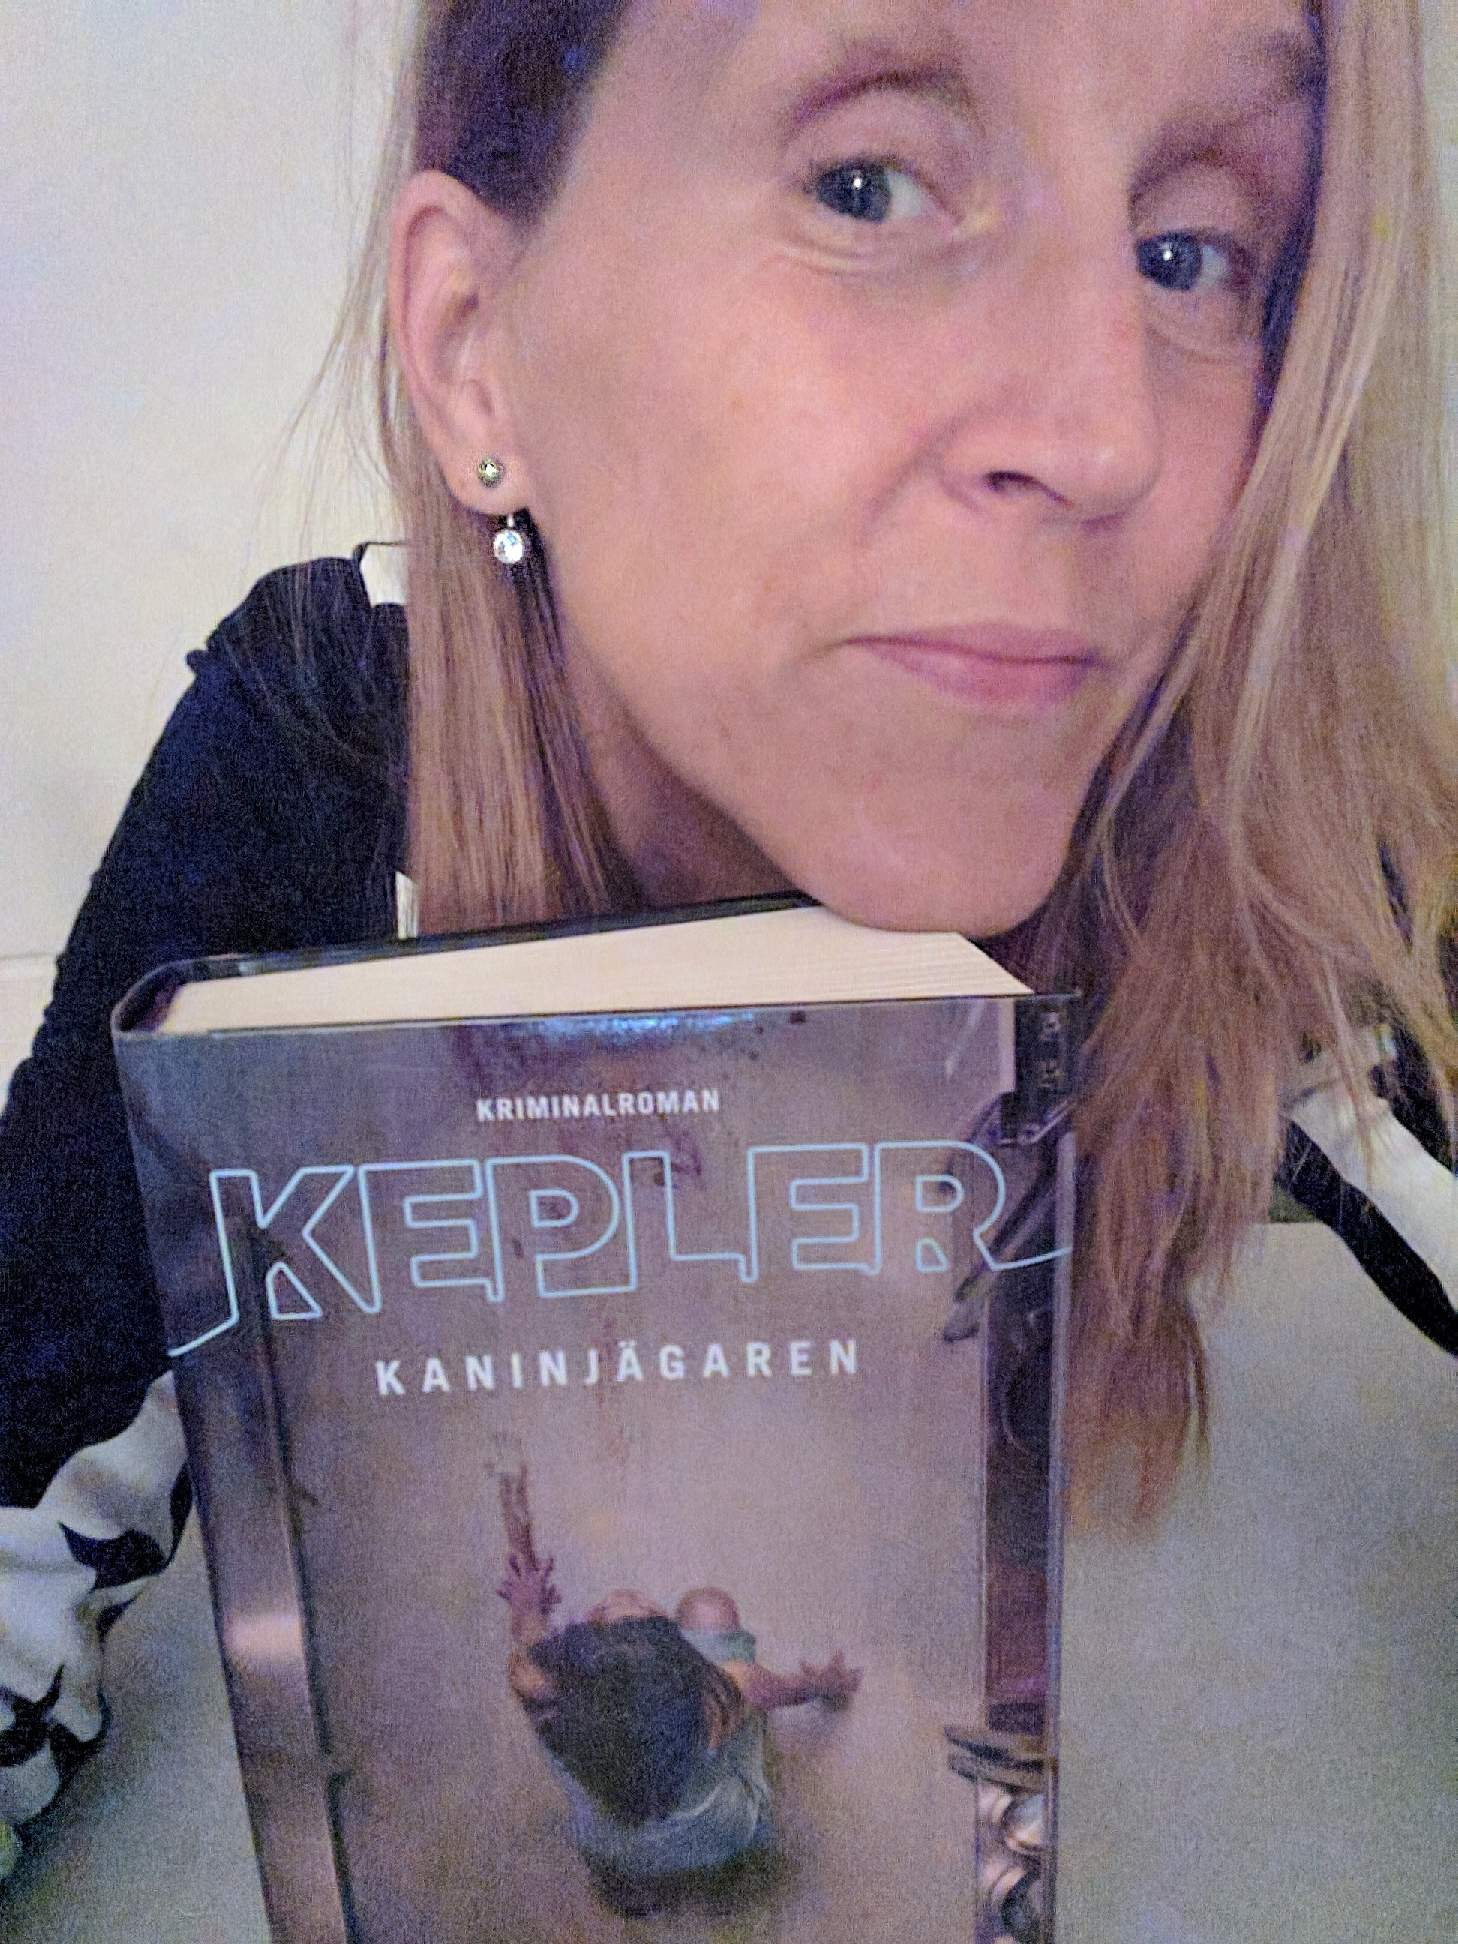 En av veckans höjdpunkter: Keplers...